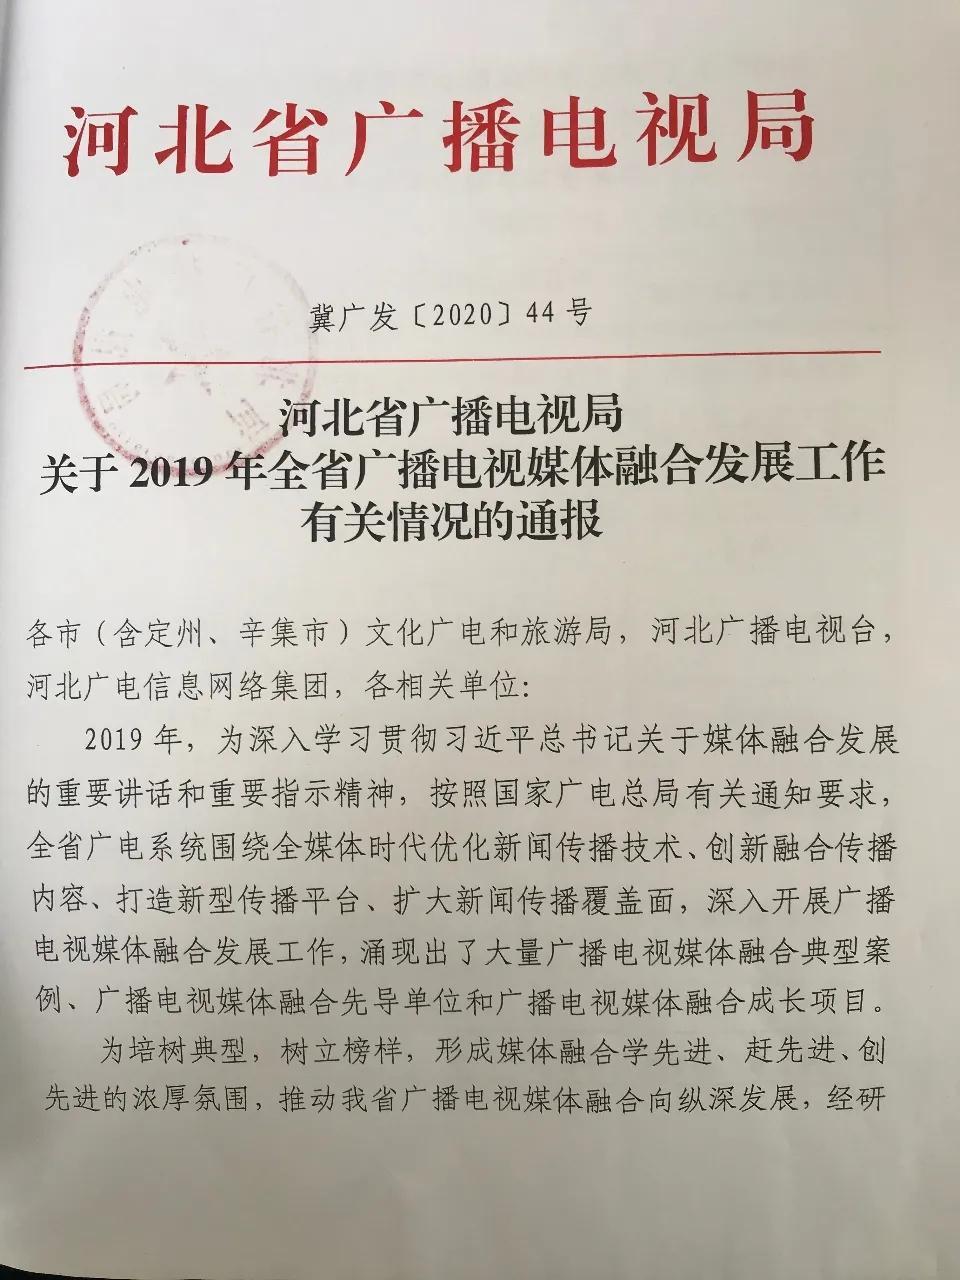 【喜报】香河融媒入选全省广电媒体融合典型案例